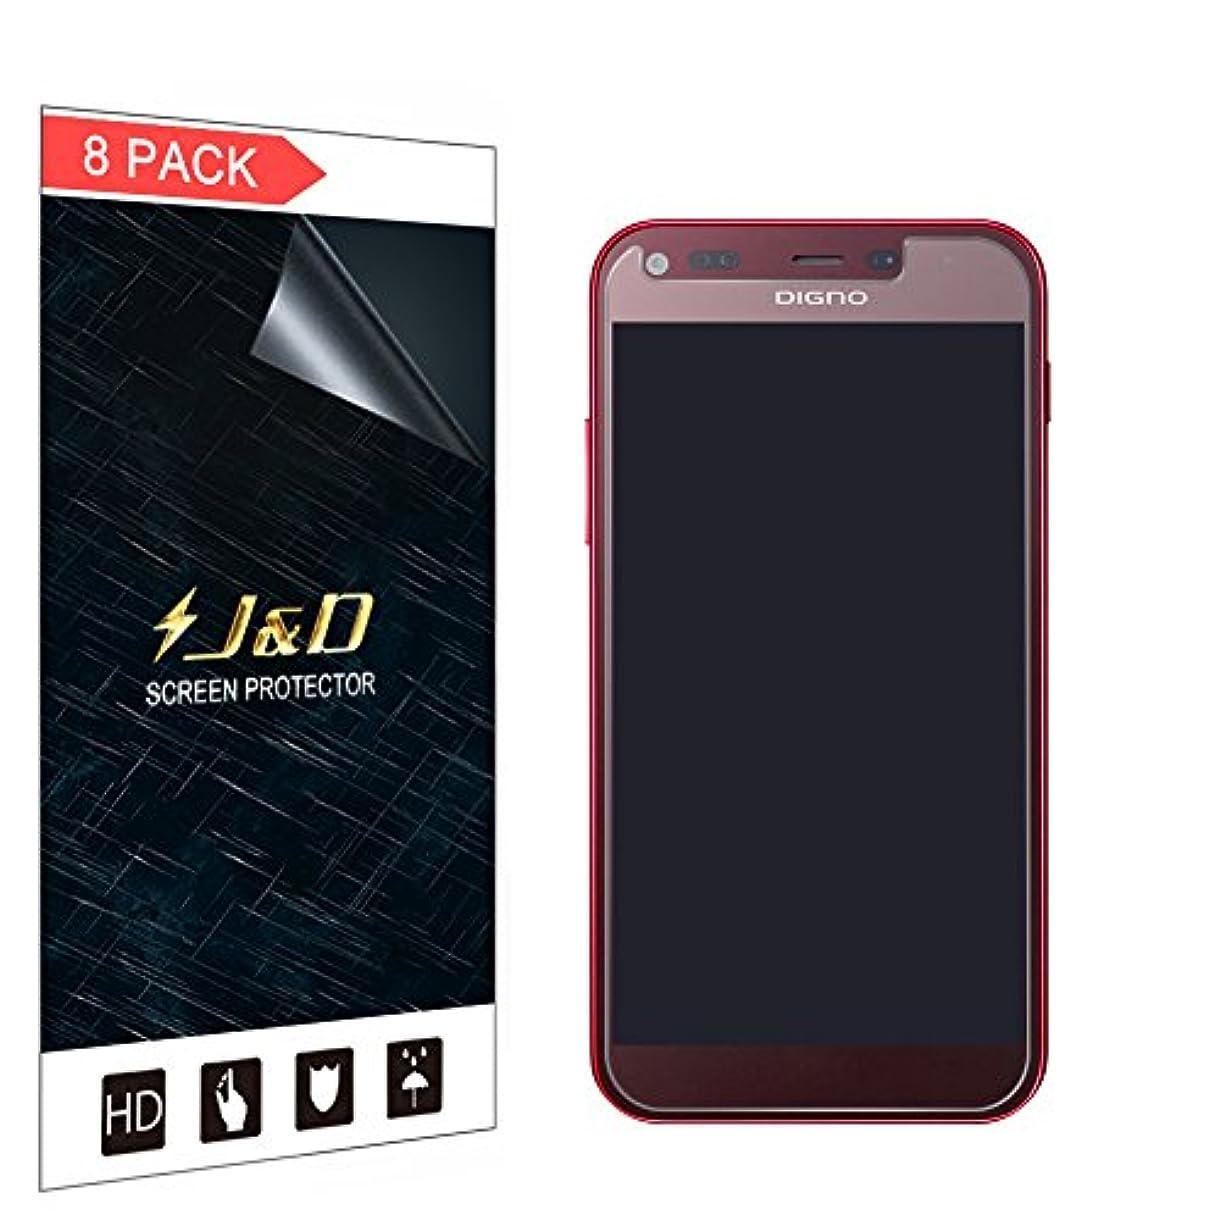 不愉快に評決マークされた(8 パック) DIGNO E スクリーンプロテクター、J&D DIGNO E 用[アンチグレア][指紋防止]高品質のマット保護フィルム